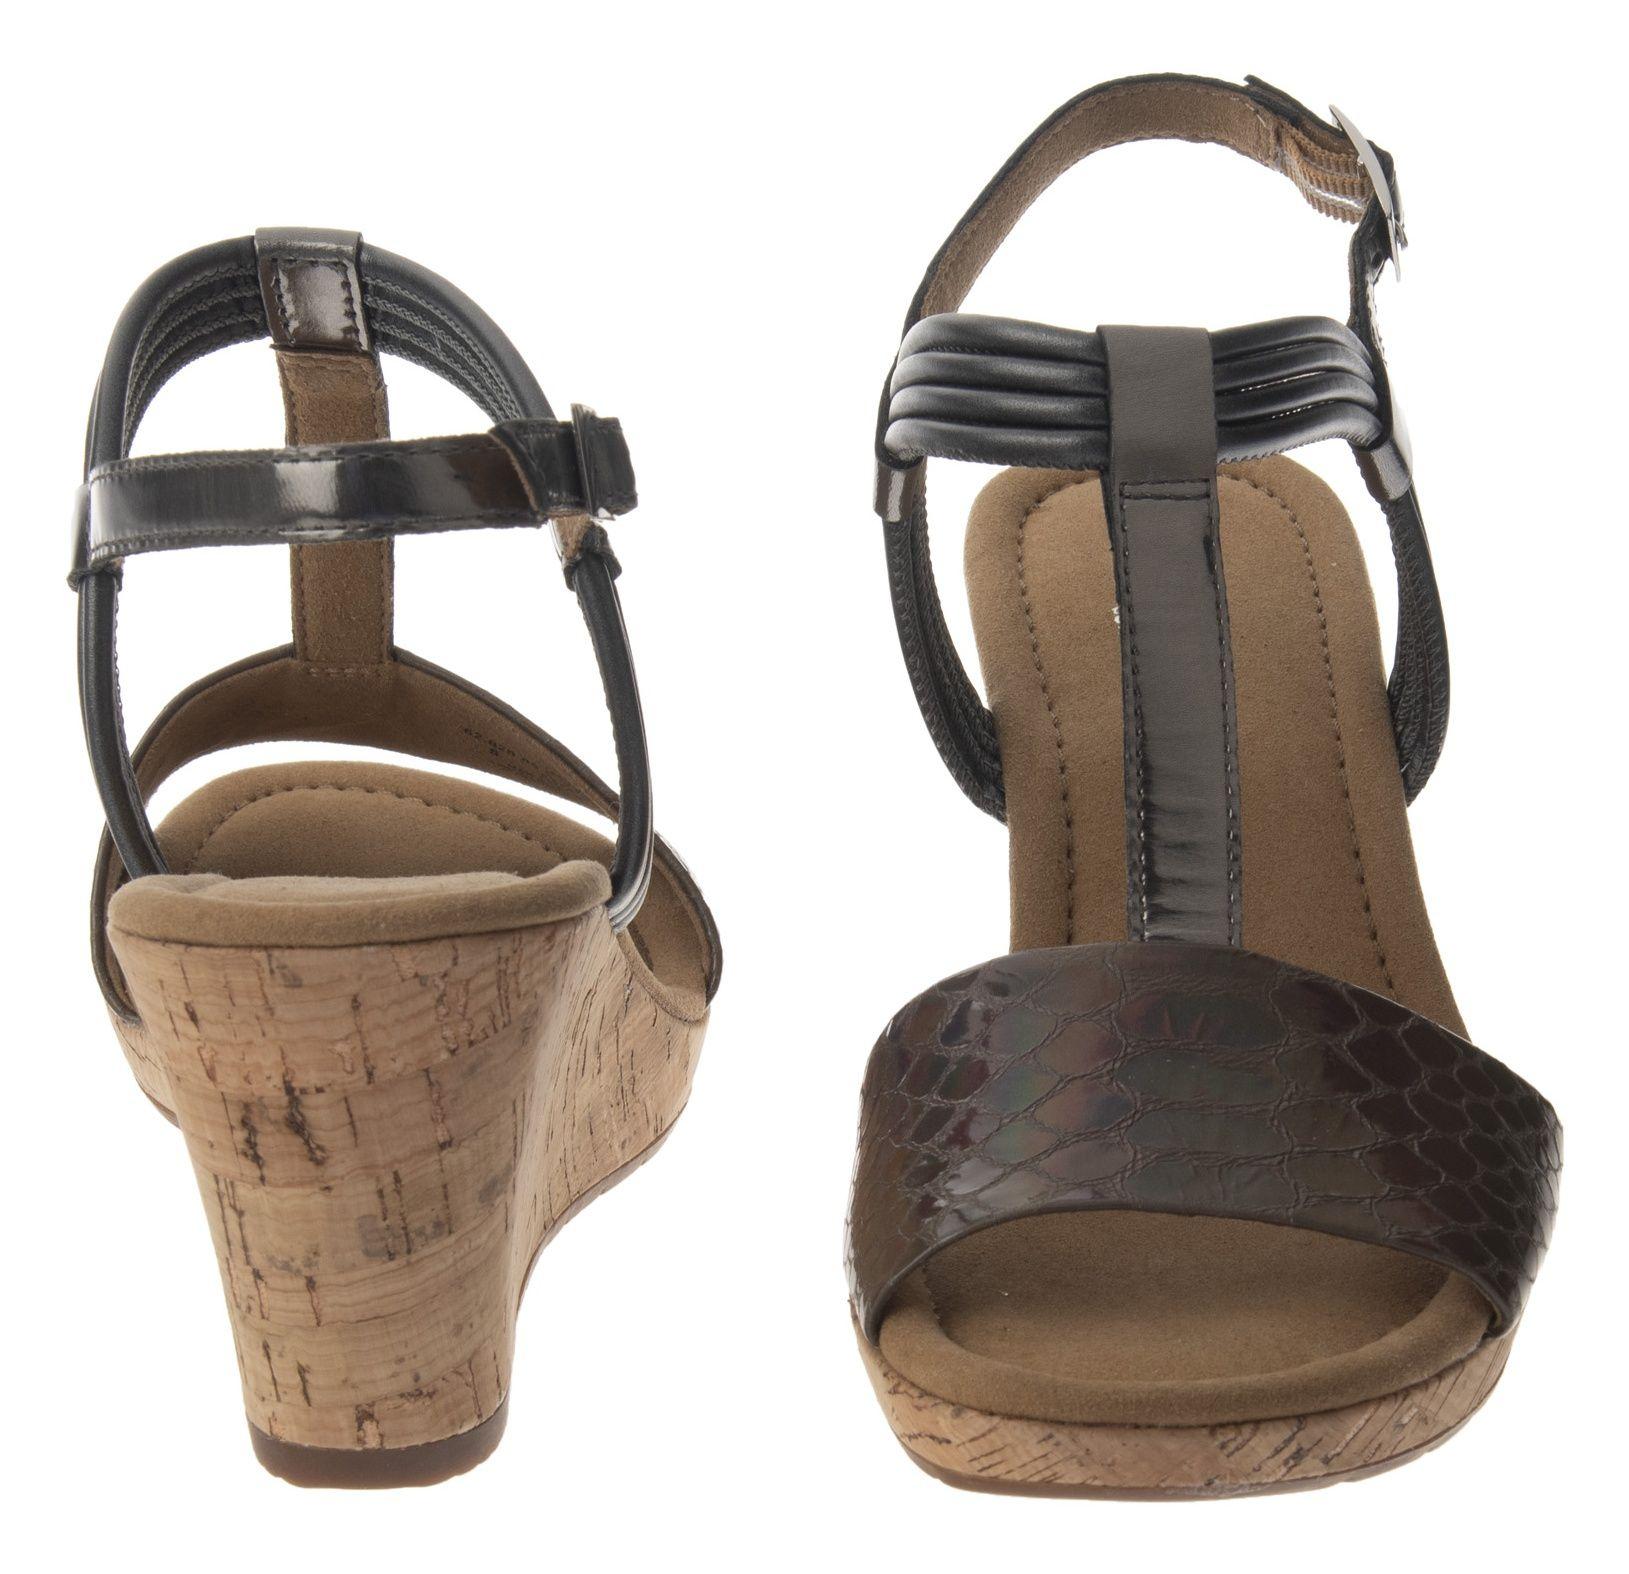 کفش زنانه گابور مدل 62.828.85 main 1 4